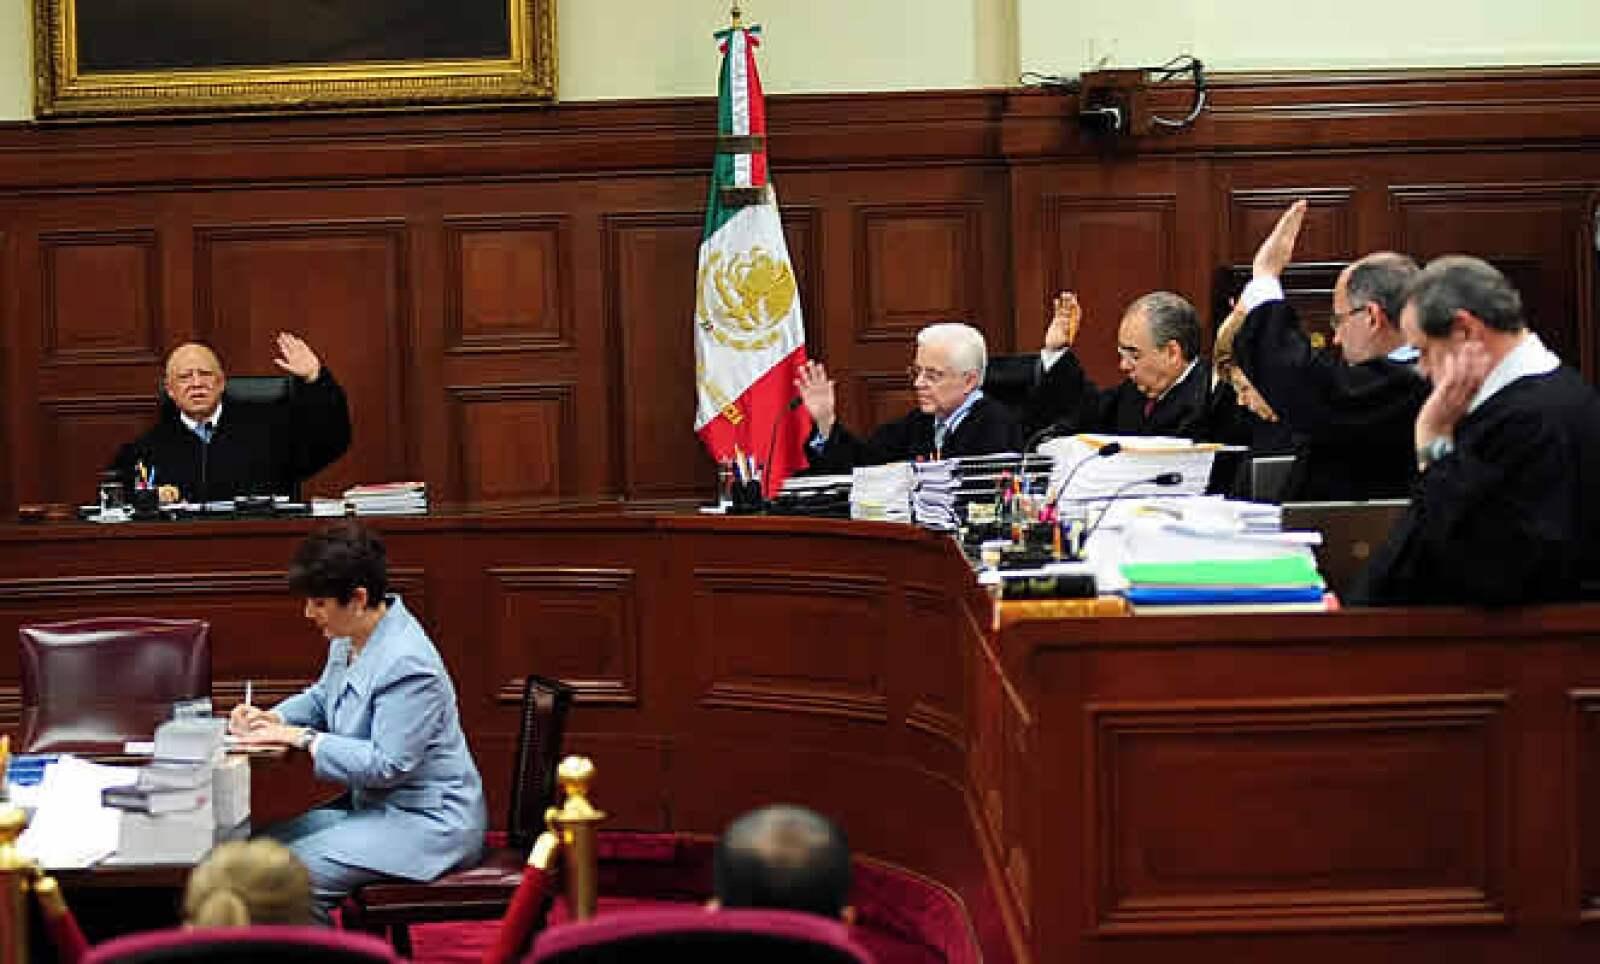 La Suprema Corte de Justicia señaló al gobernador de Oaxaca, Ulises Ruiz, como involucrado en la violación grave a derechos humanos durante el conflicto magisterial entre mayo de 2006 y enero de 2007, pero deslindó al entonces presidente Vicente Fox.